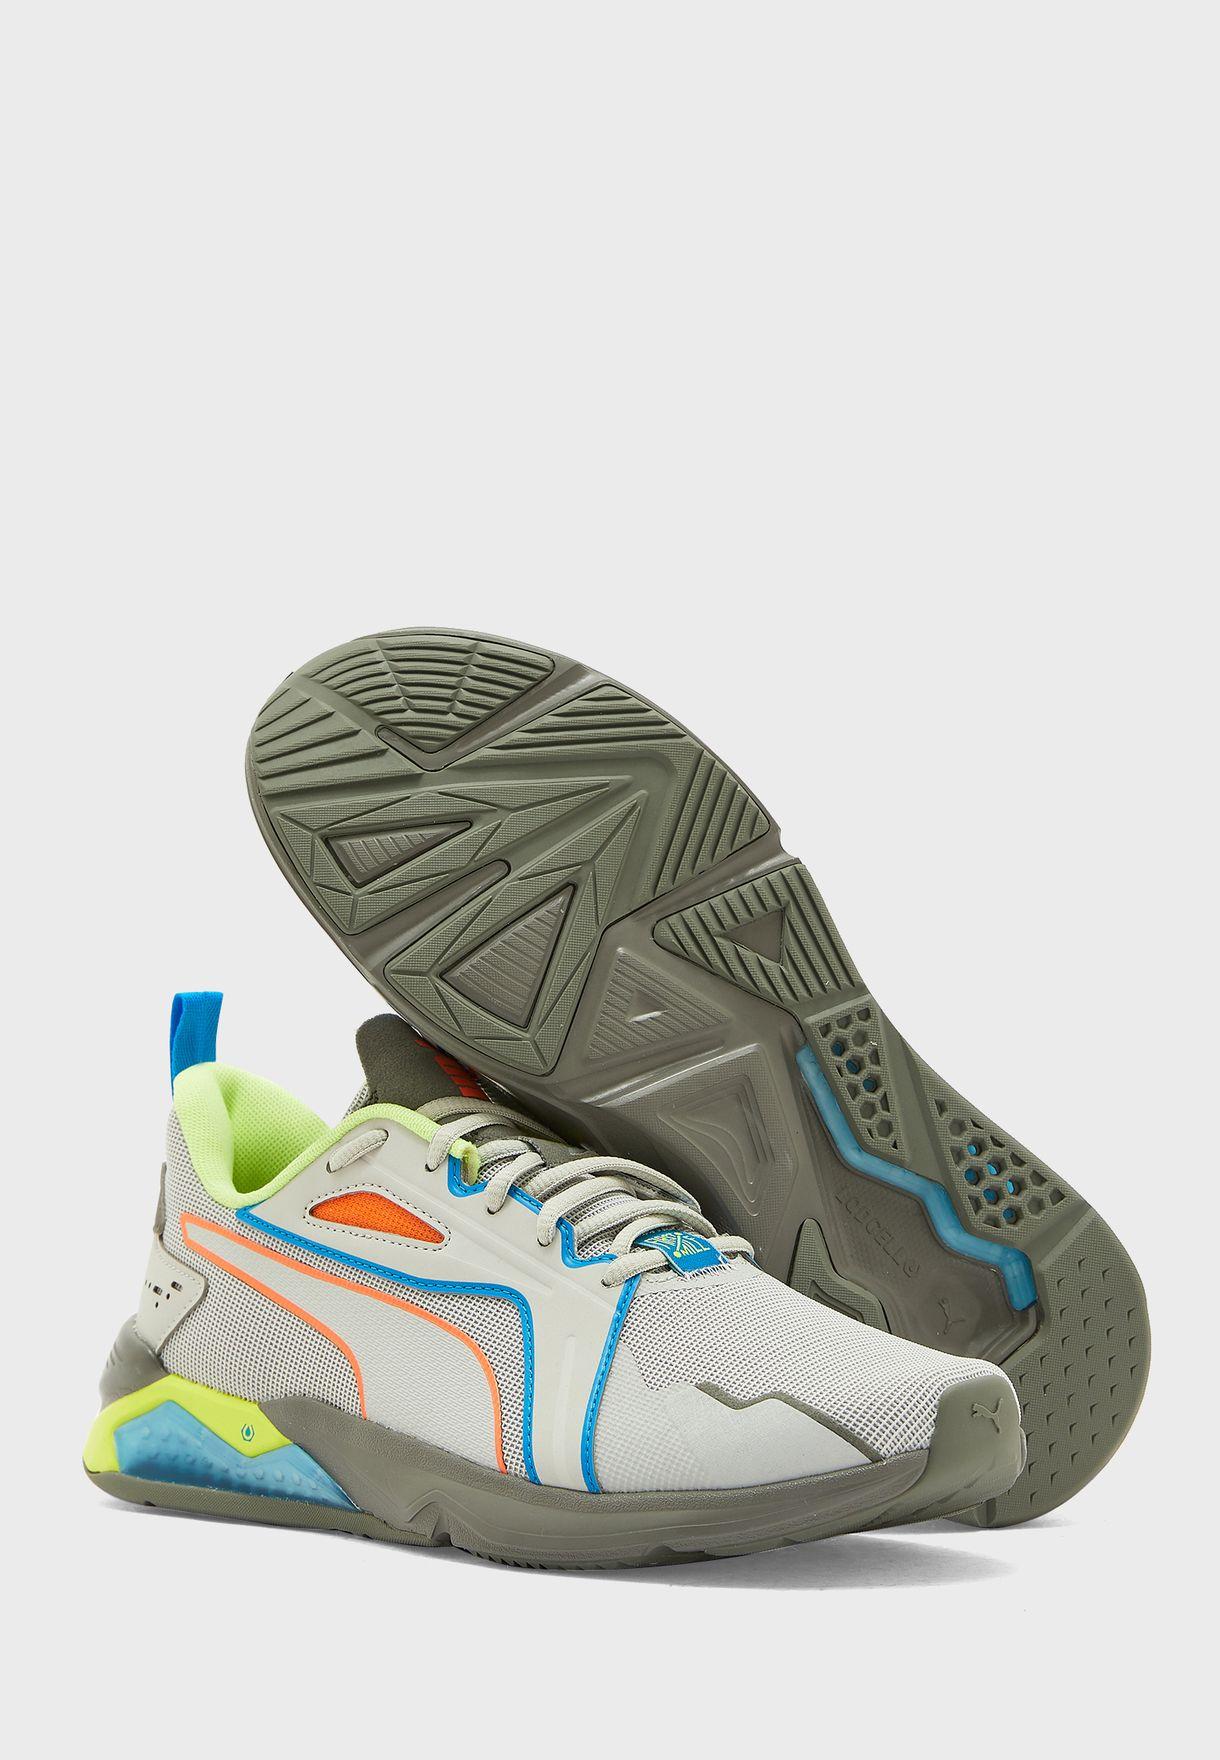 حذاء ال كيو دي سيل ميثود اف ام اكستريم